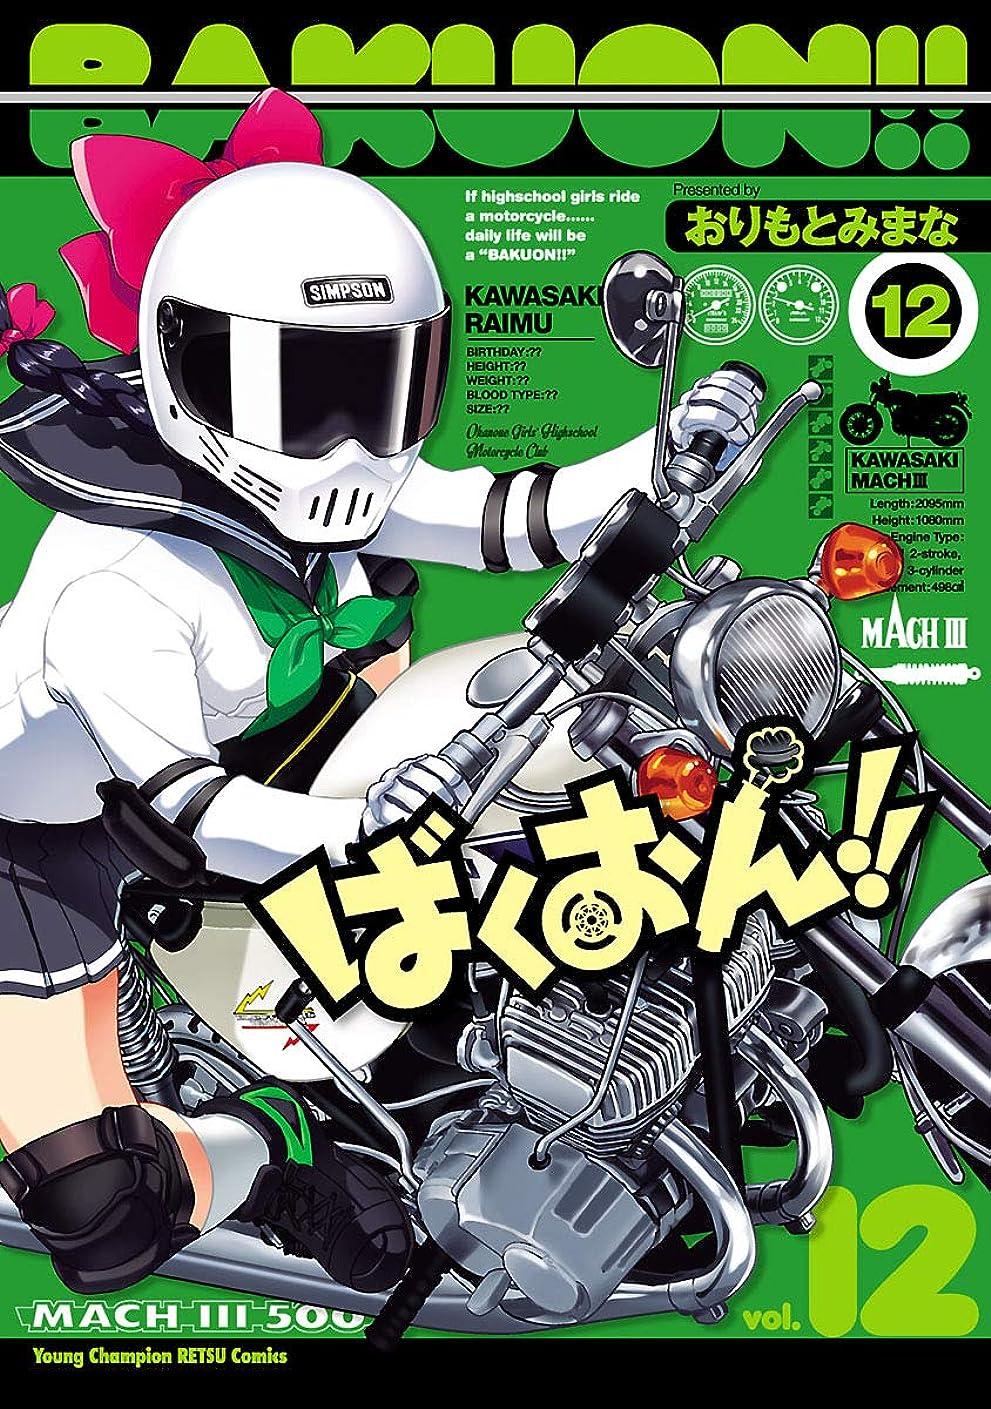 サーキュレーション津波欠席ばくおん!! 12 (ヤングチャンピオン烈コミックス)